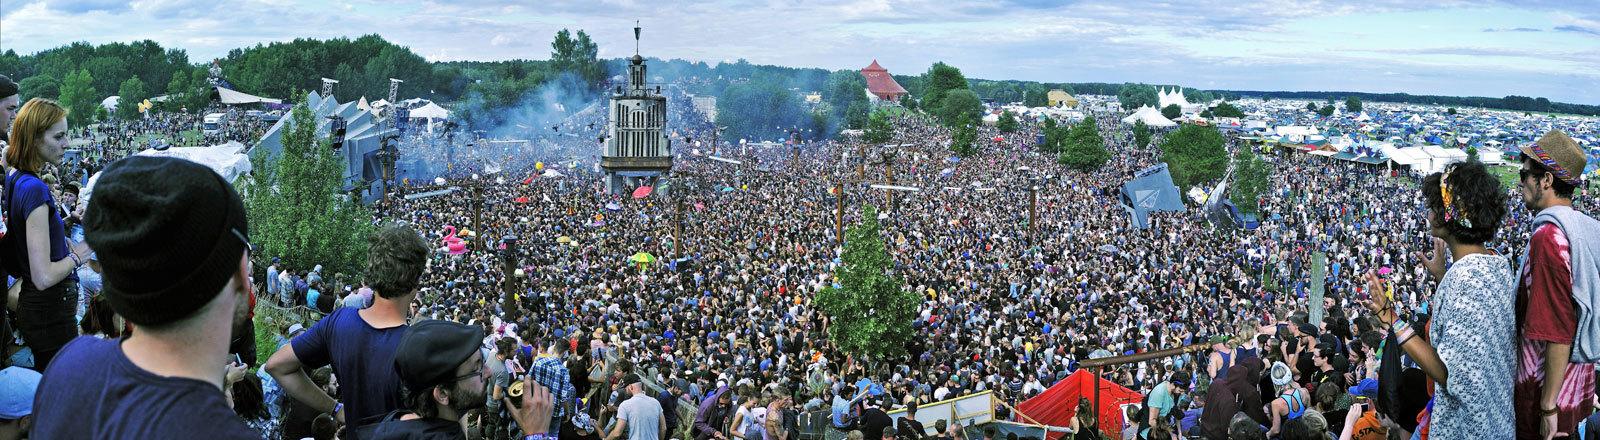 Auf dem Fusion-Festival 2016 kamen rund 70.000 Besucher zusammen. Blick auf eine Menschenmenge.